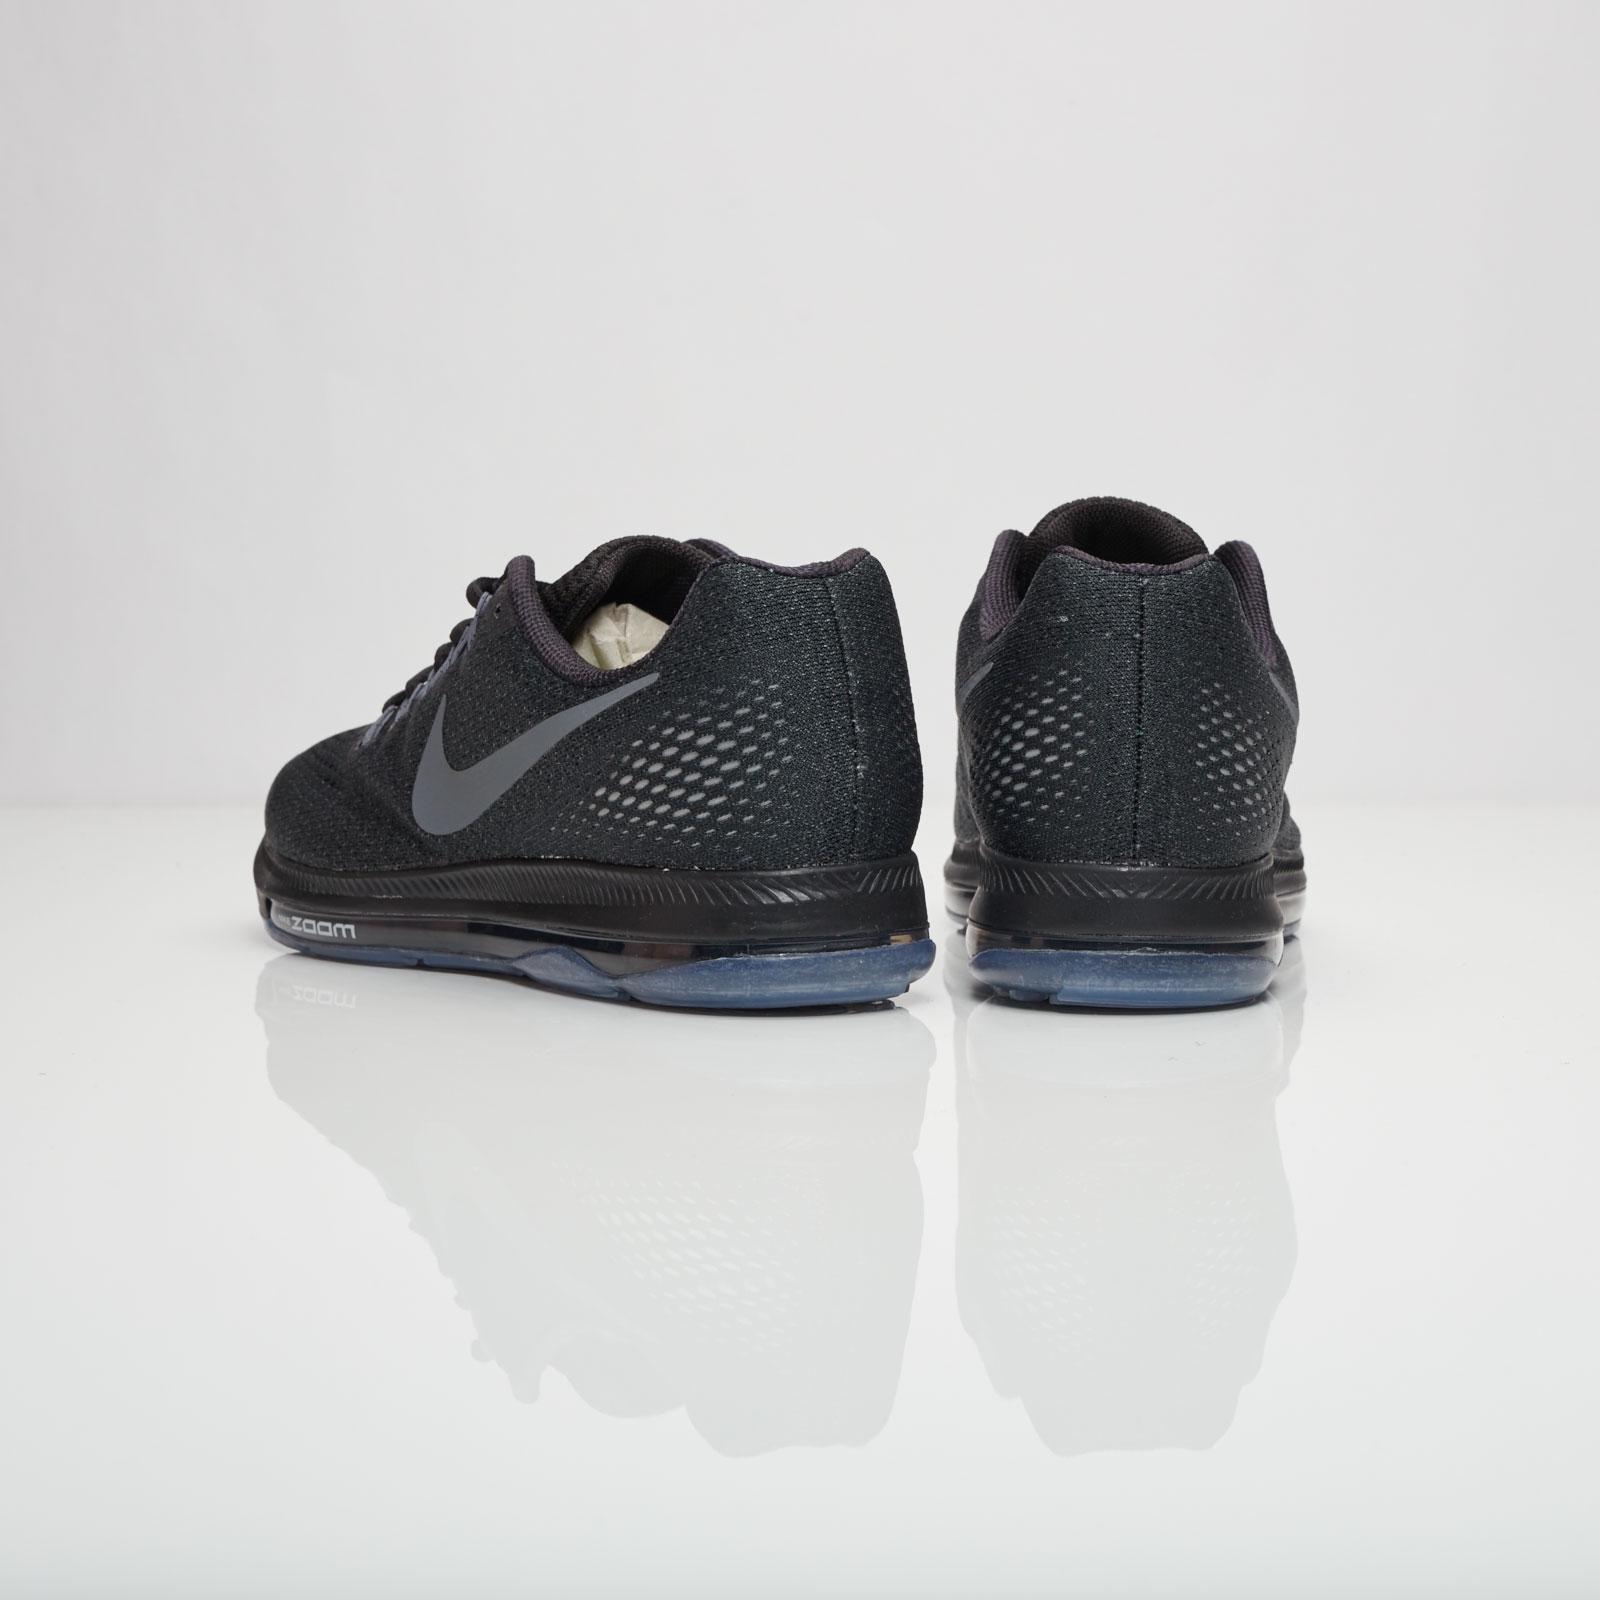 info for df1ce f54b5 Nike Zoom All Out Low - 878670-001 - Sneakersnstuff   sneakers   streetwear  online since 1999